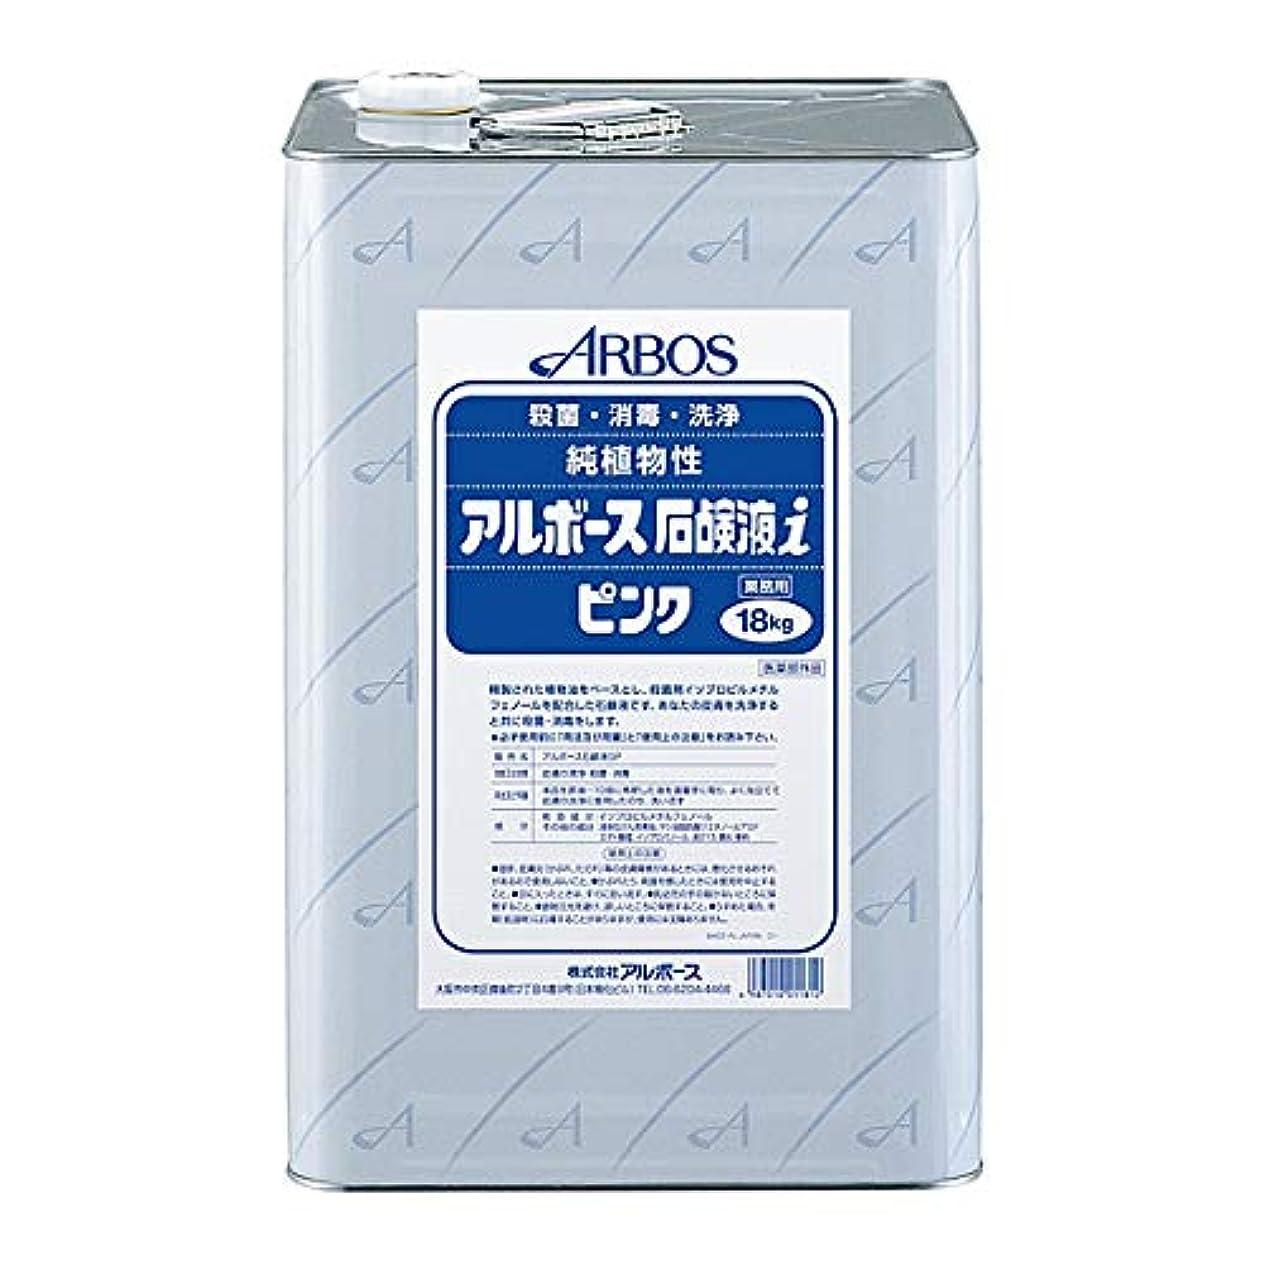 望み知覚するデータム【清潔キレイ館】アルボース石鹸液i ピンク(18L)+つめブラシ1個 オマケ付